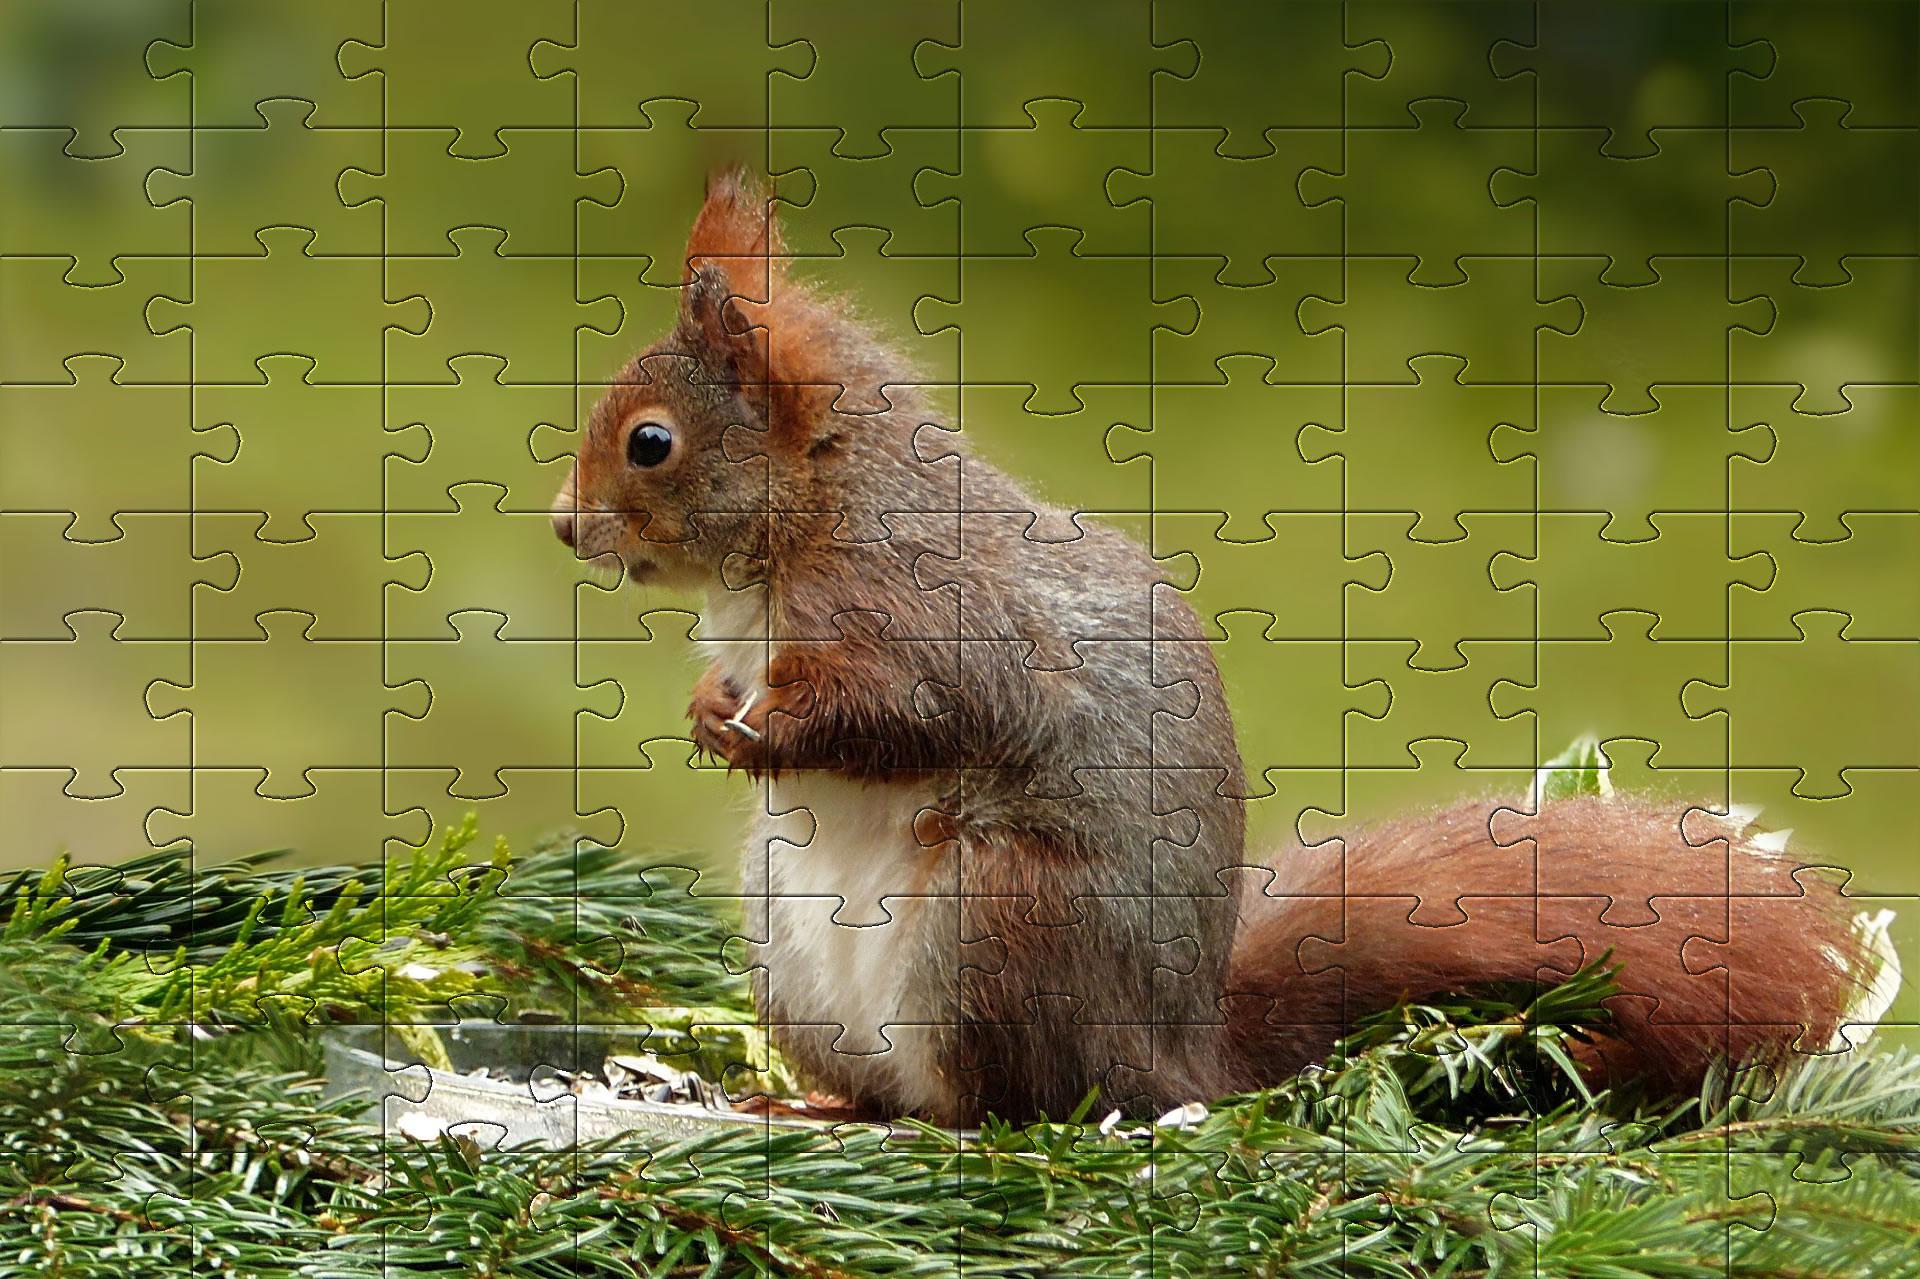 Free Jigsaw Puzzle Games - Online Jigsaw Puzzles | Puzzles intérieur Puzzle Photo Gratuit